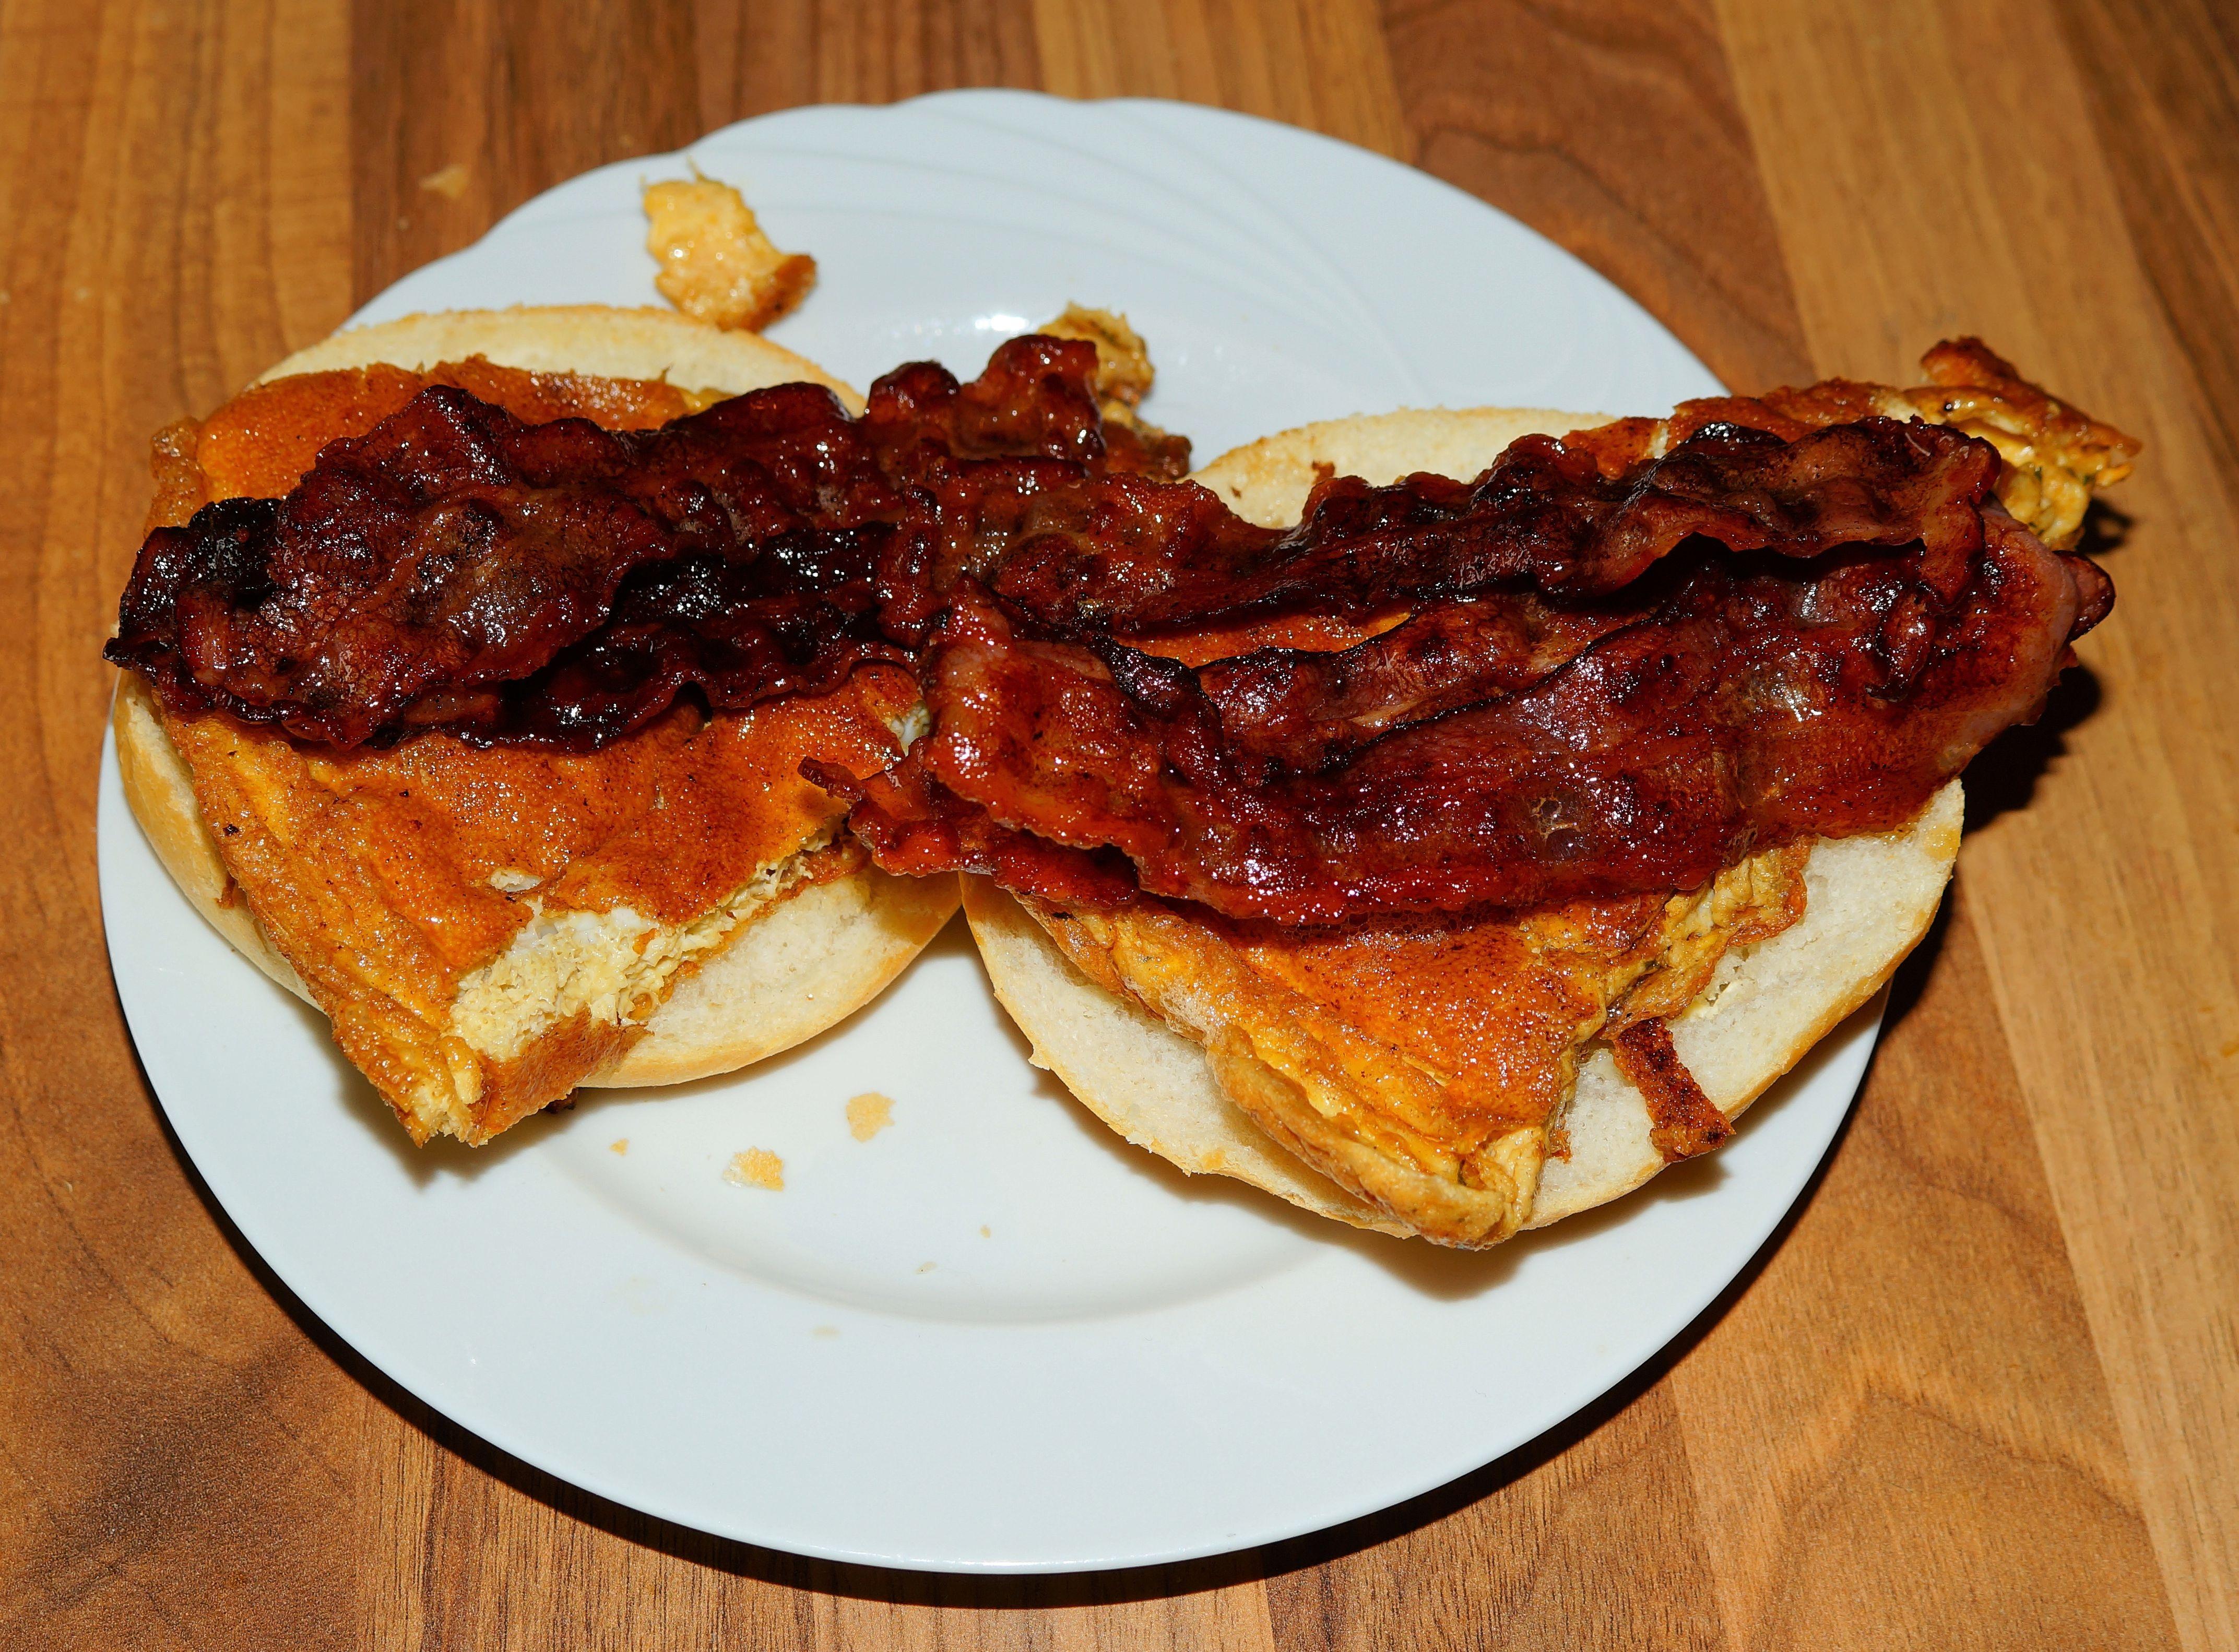 Bemerkenswert Guten Morgen Frühstück Sammlung Von Gericht Mahlzeit Lebensmittel Produzieren Teller Küche Frühstück